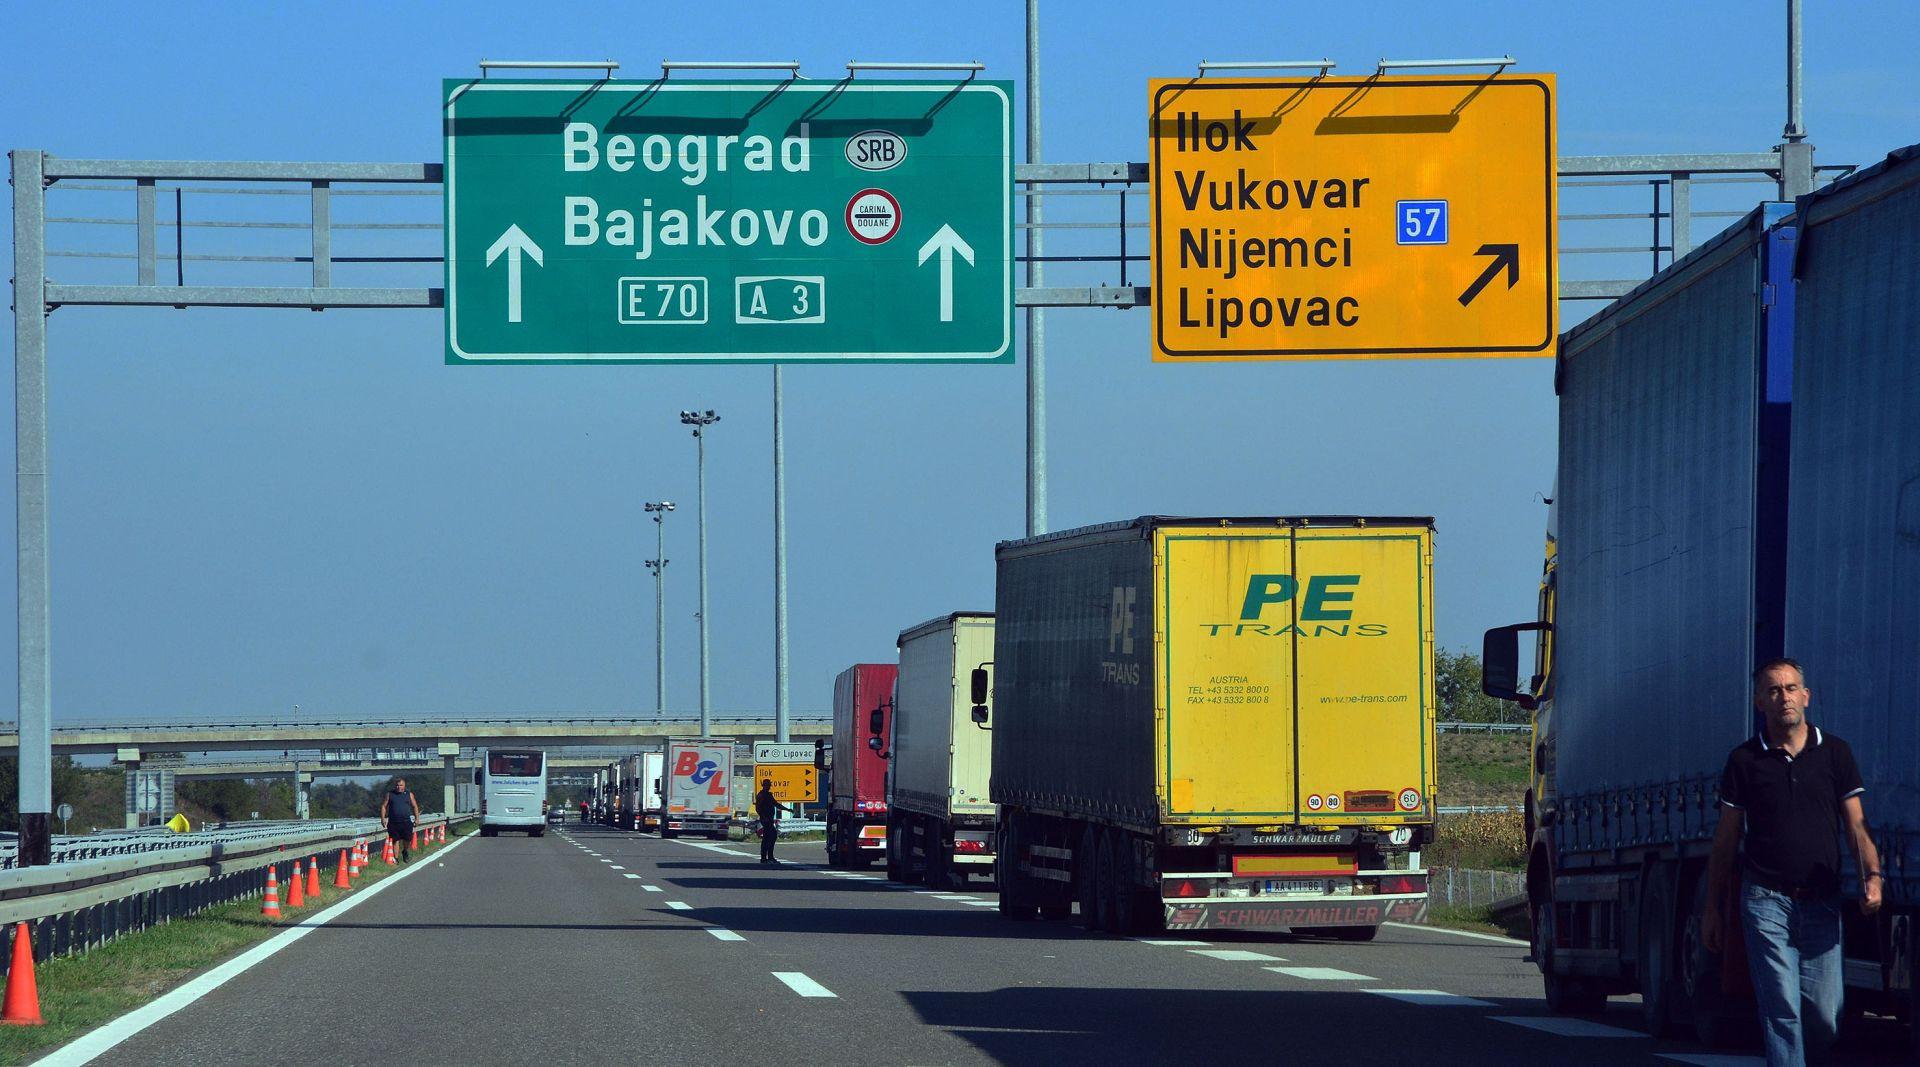 IZBJEGLICE Hrvatska otvara Bajakovo za svu kvarljivu robu